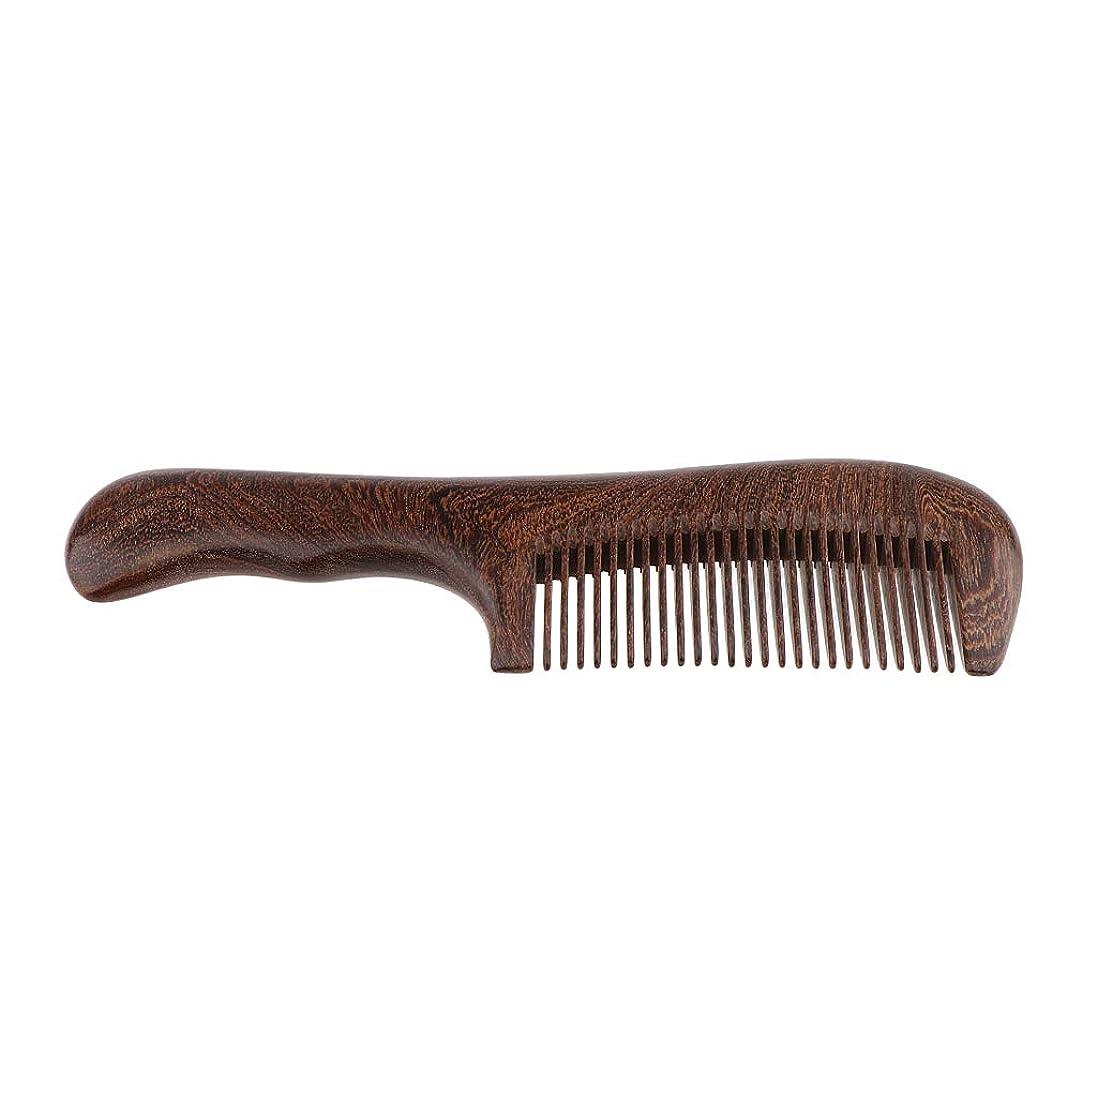 混合検証スイス人SM SunniMix 木製櫛 手作り ヘアブラシ ウッドコーム ハンドヘルド マッサージブラシ 2仕様選べ - 細かい歯